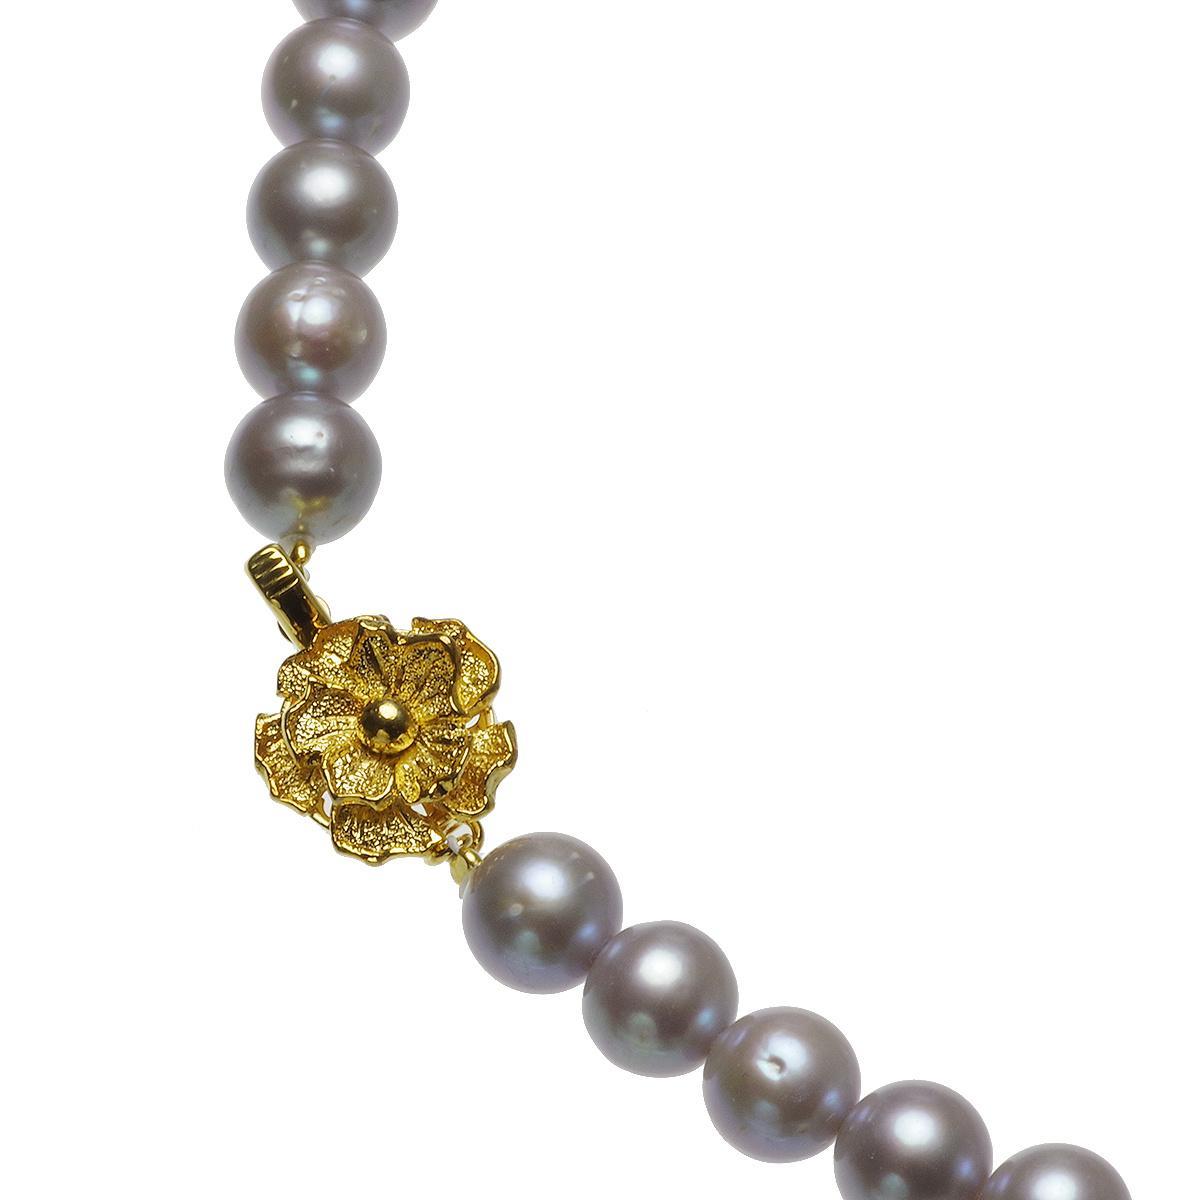 黒蝶シェル 淡水真珠 オリジナル ネックレス 8.0-9.0mm グレー染の写真